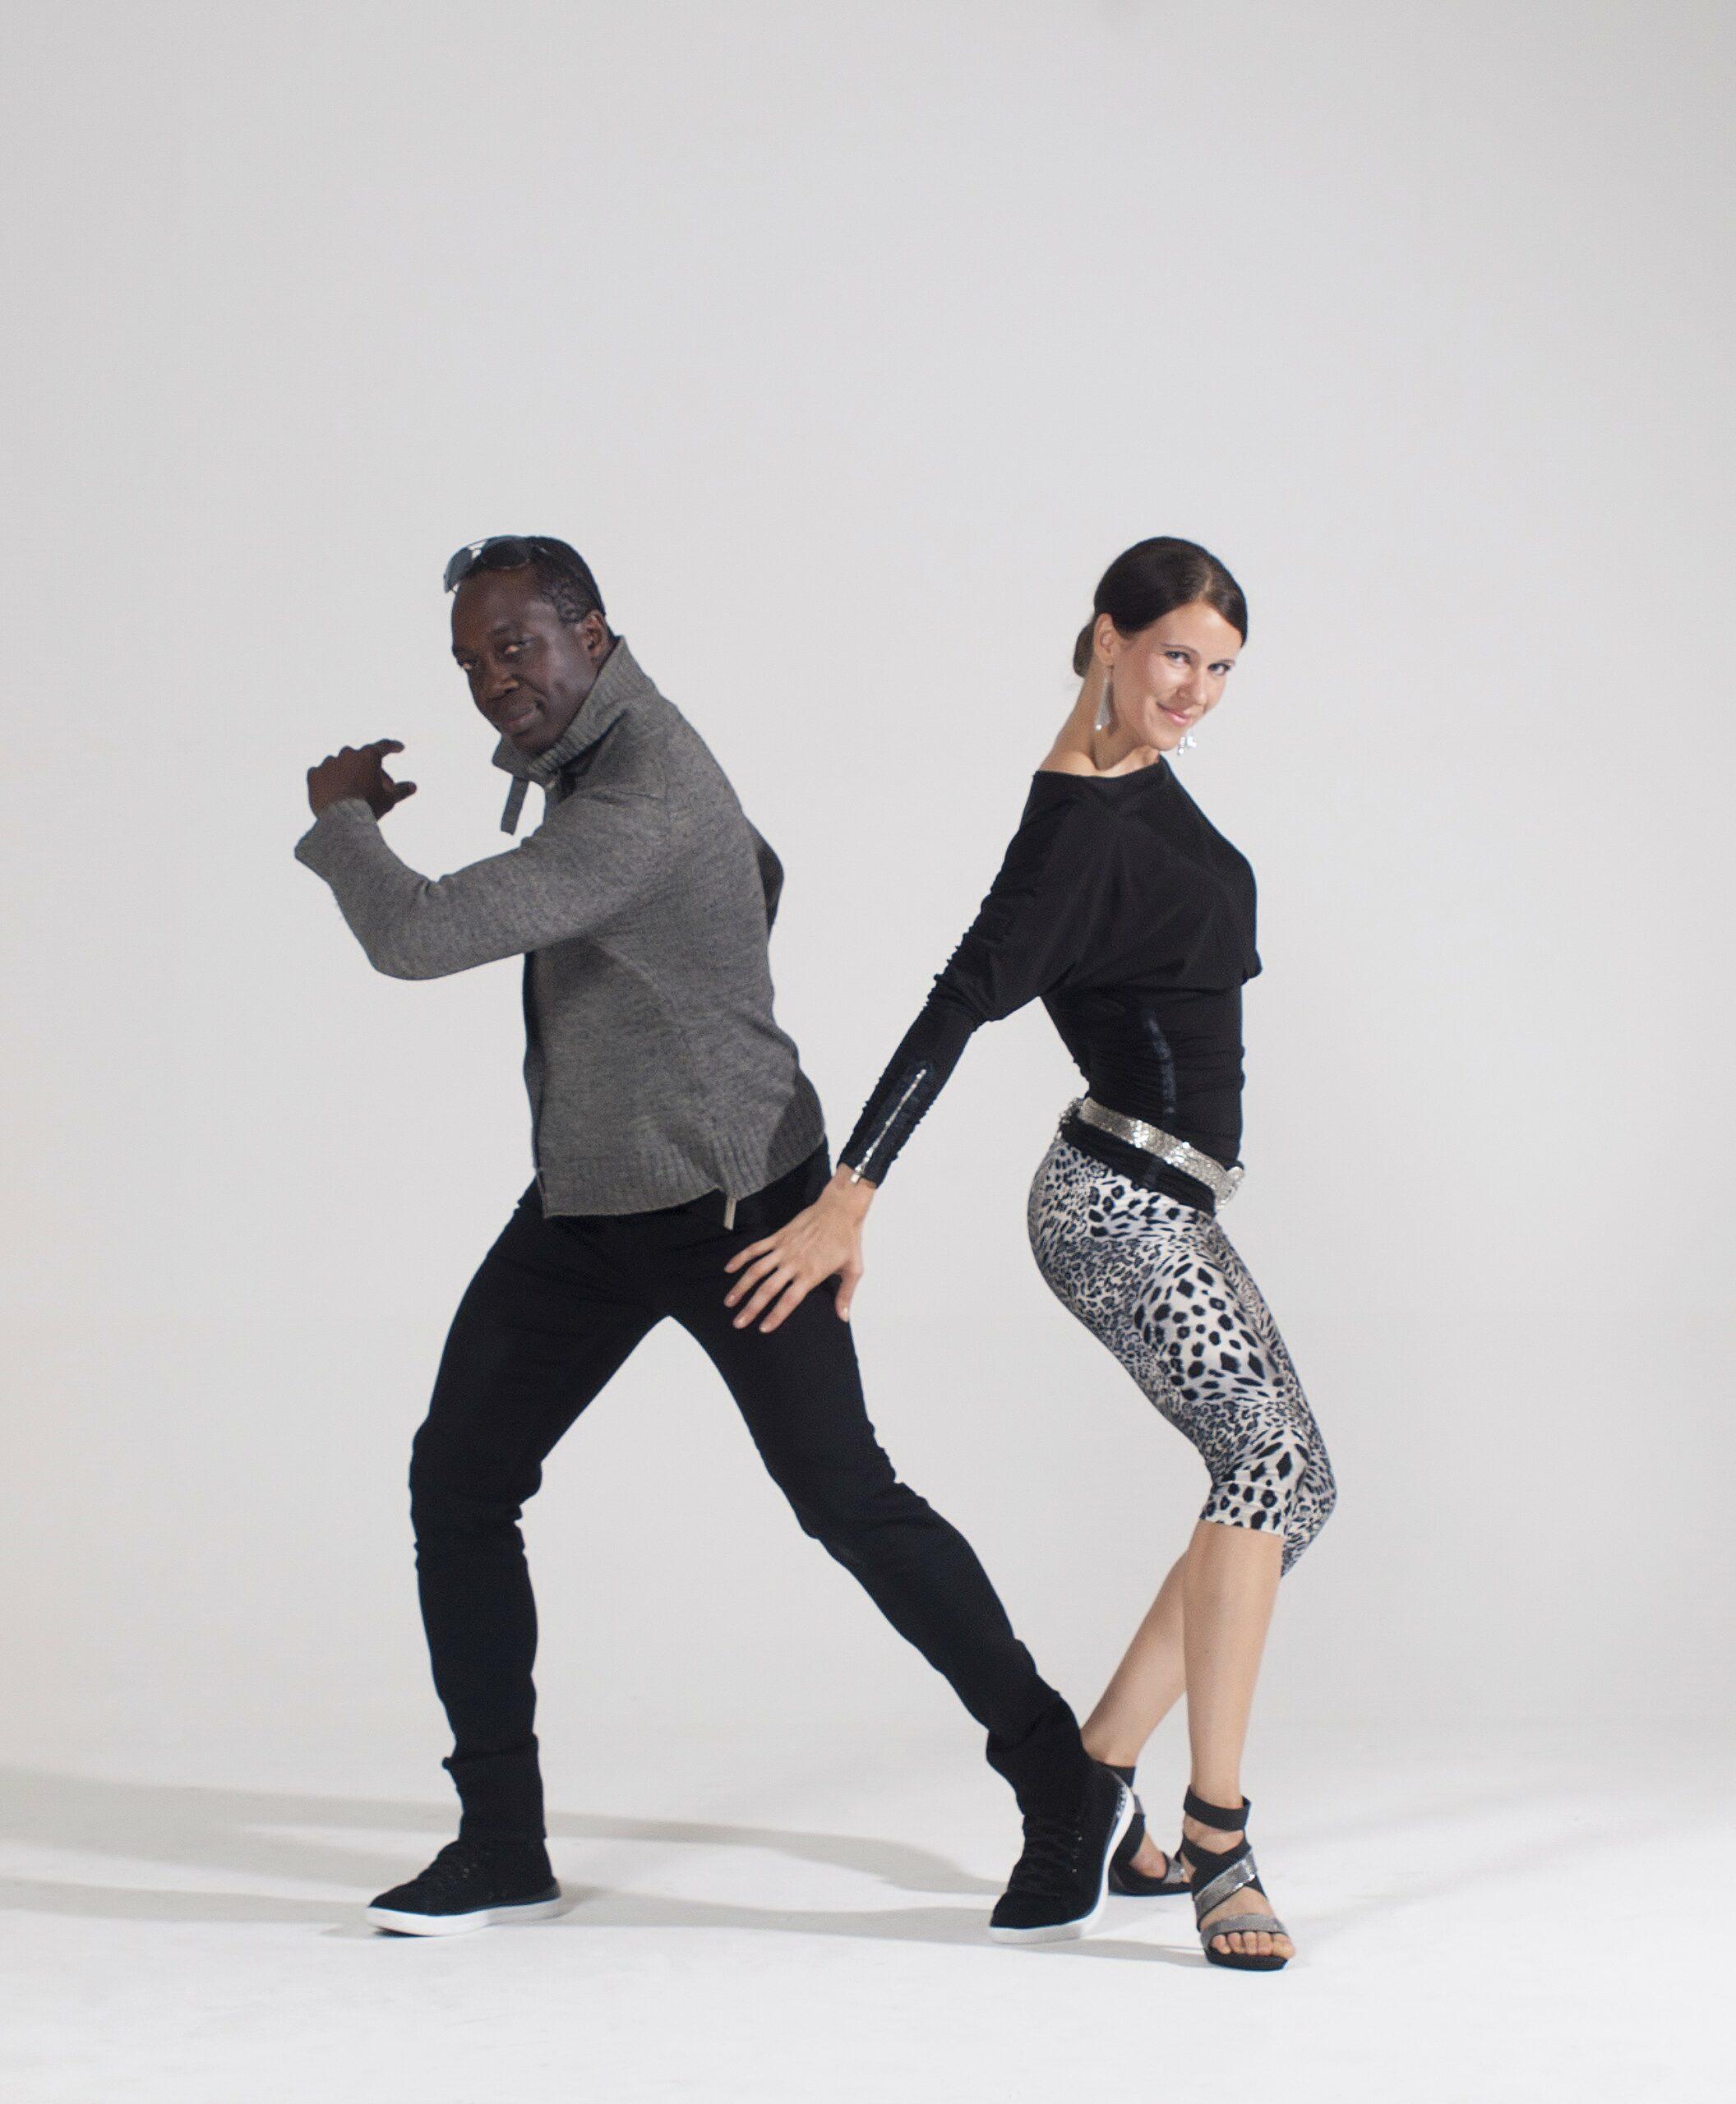 ruben dance soukromé lekce tance covid